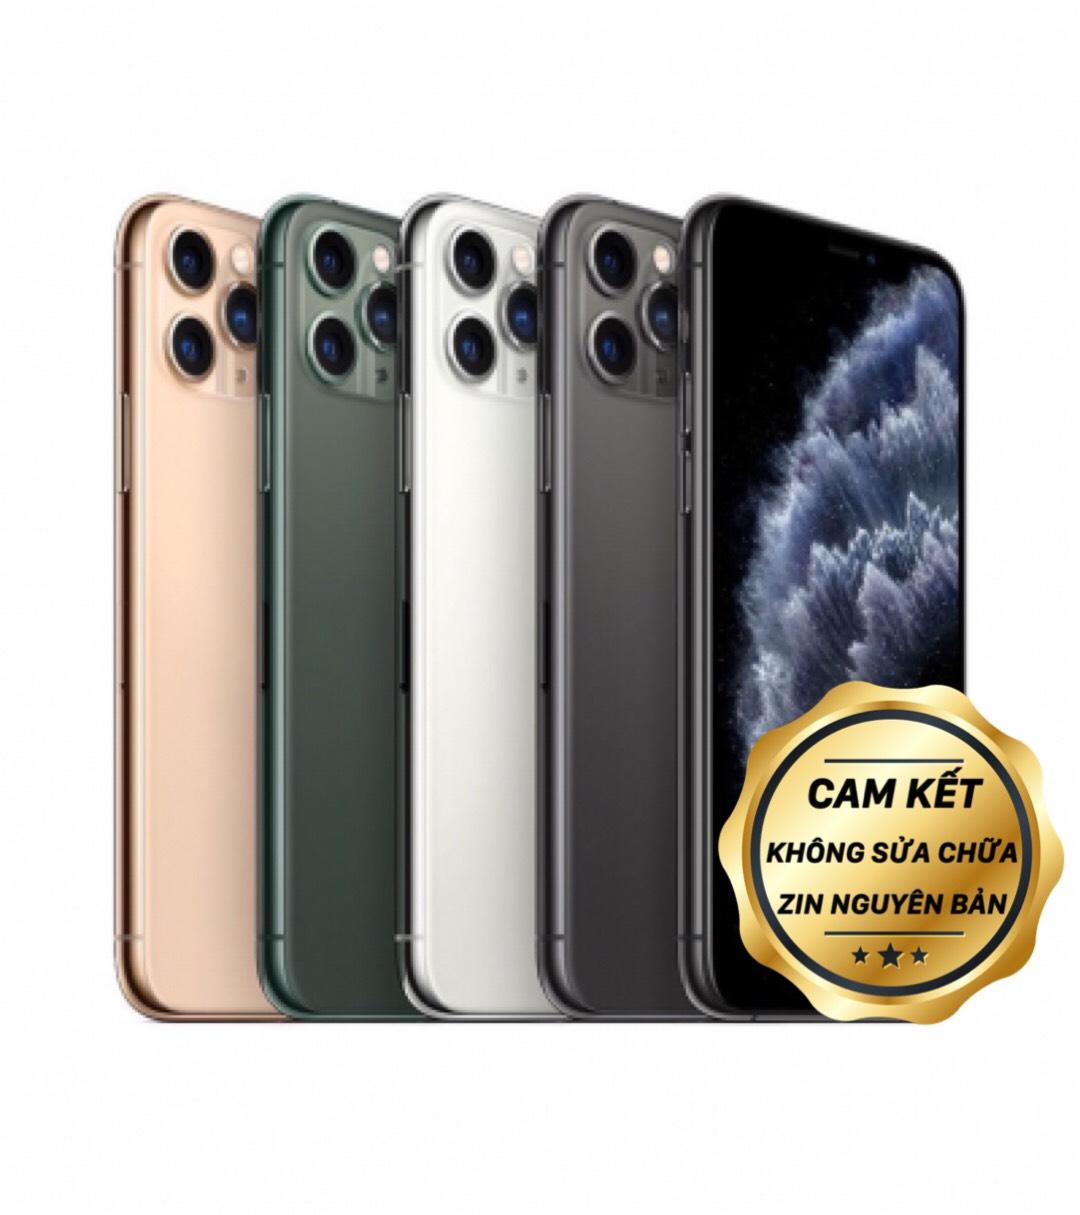 iPhone 11 Pro 64GB 99,99% CBH J/A - 15.990.000